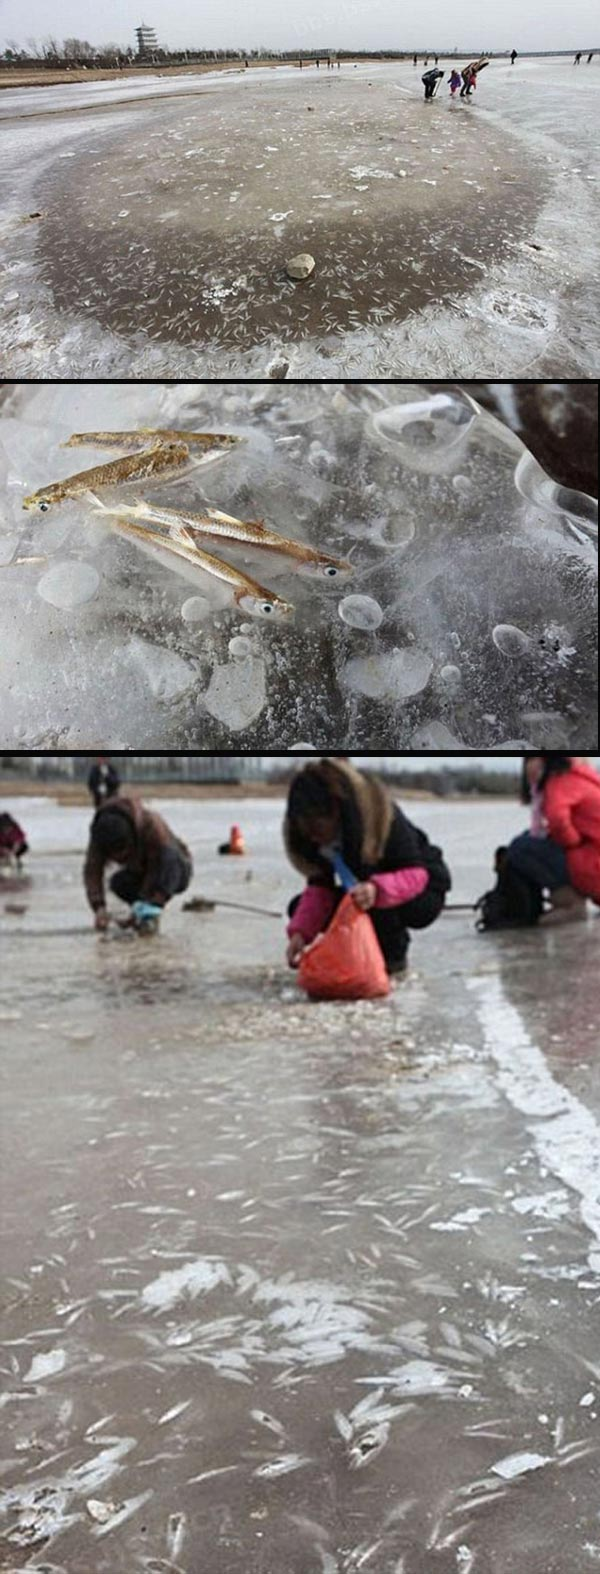 COOL : Cara Menangkap Ikan Ketika Musim Sejuk Di China